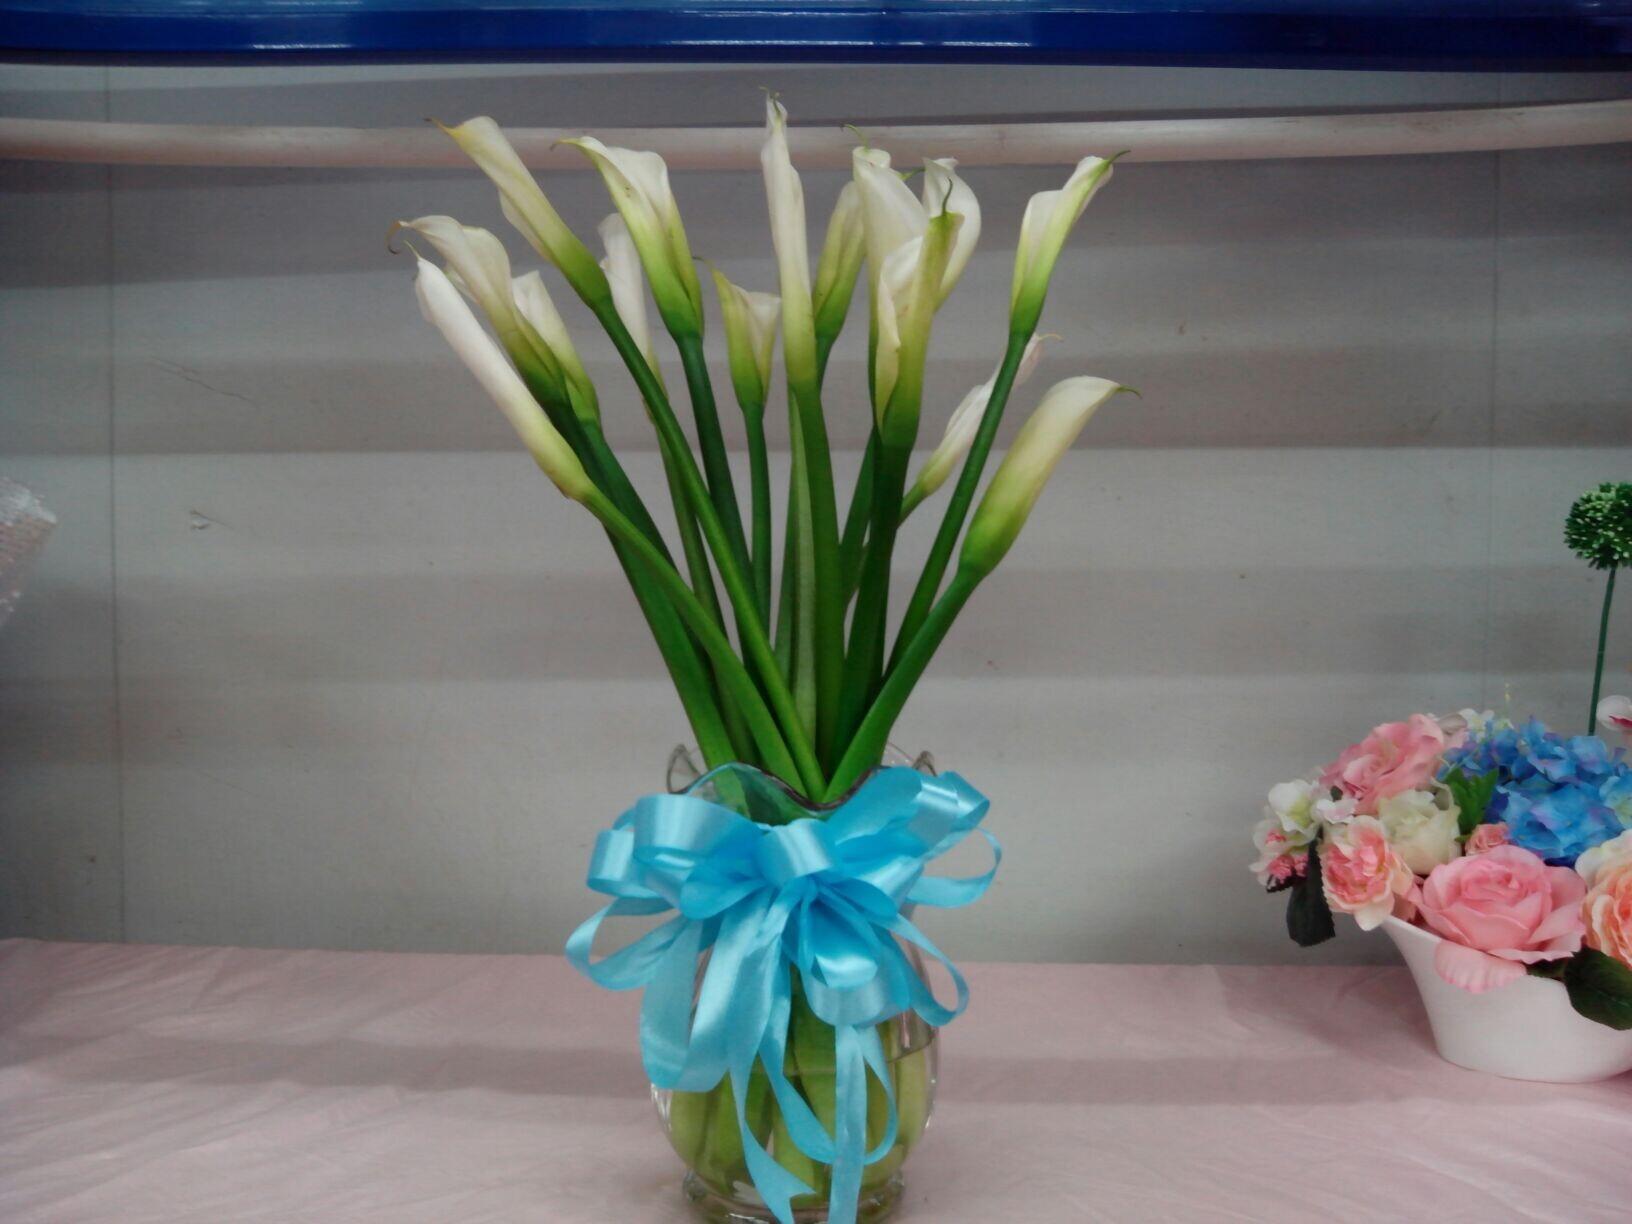 石夏兰瓶插马蹄莲鲜花图片展示。